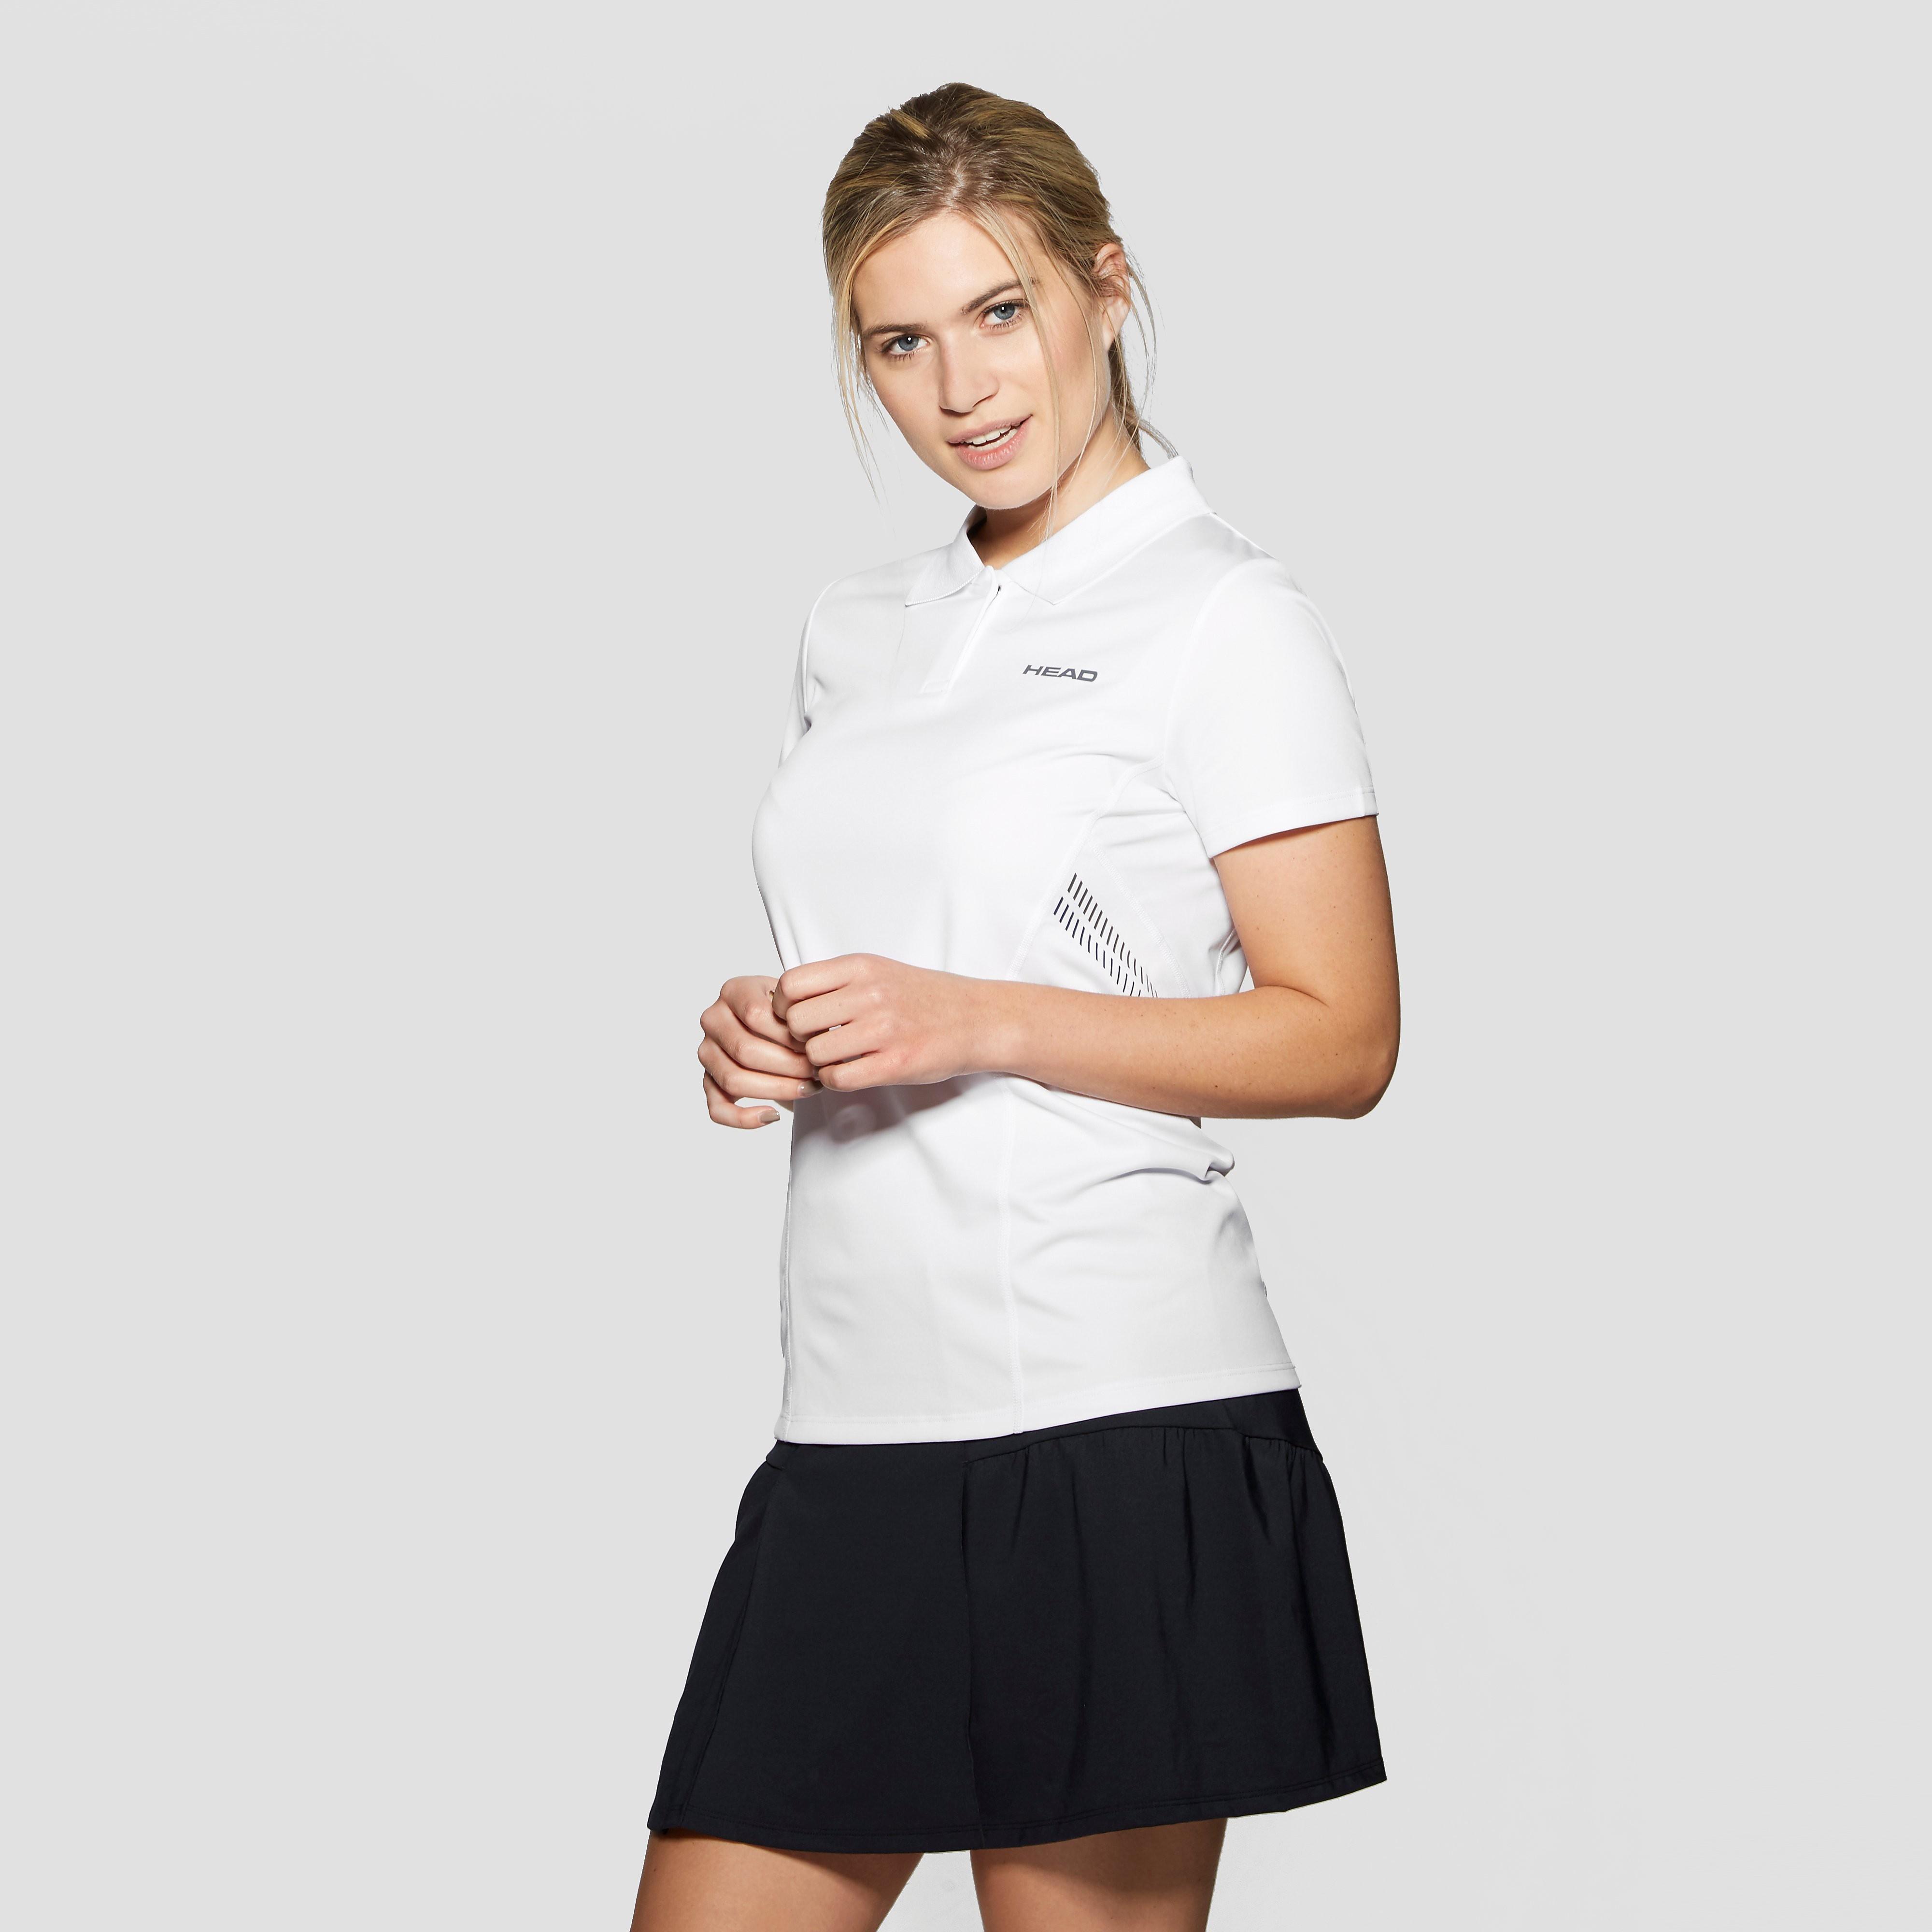 Head Club Technical Women's Tennis Polo Shirt